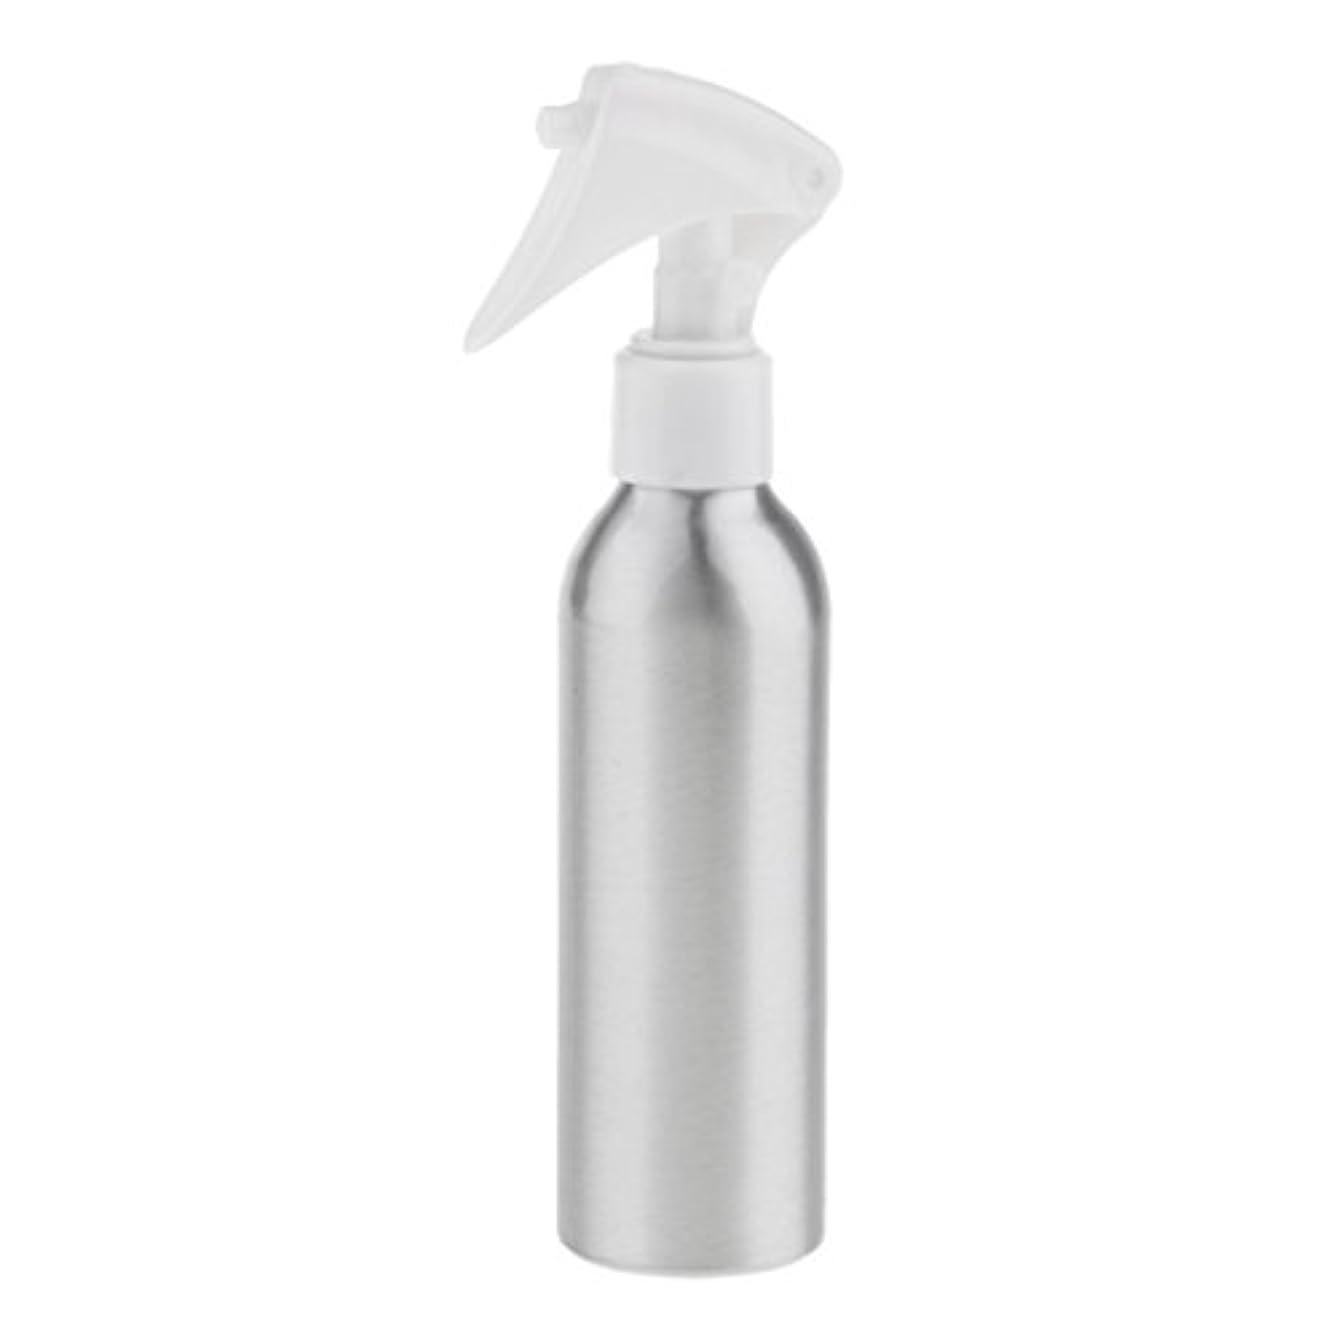 お香国勢調査間違っているスプレーボトル - 空の詰め替え式の容器は精油、クリーニング製品、自家製の洗剤、アロマテラピー、水とミストプラント、そしてクリーニング用の酢の混合物に最適 - 250ML